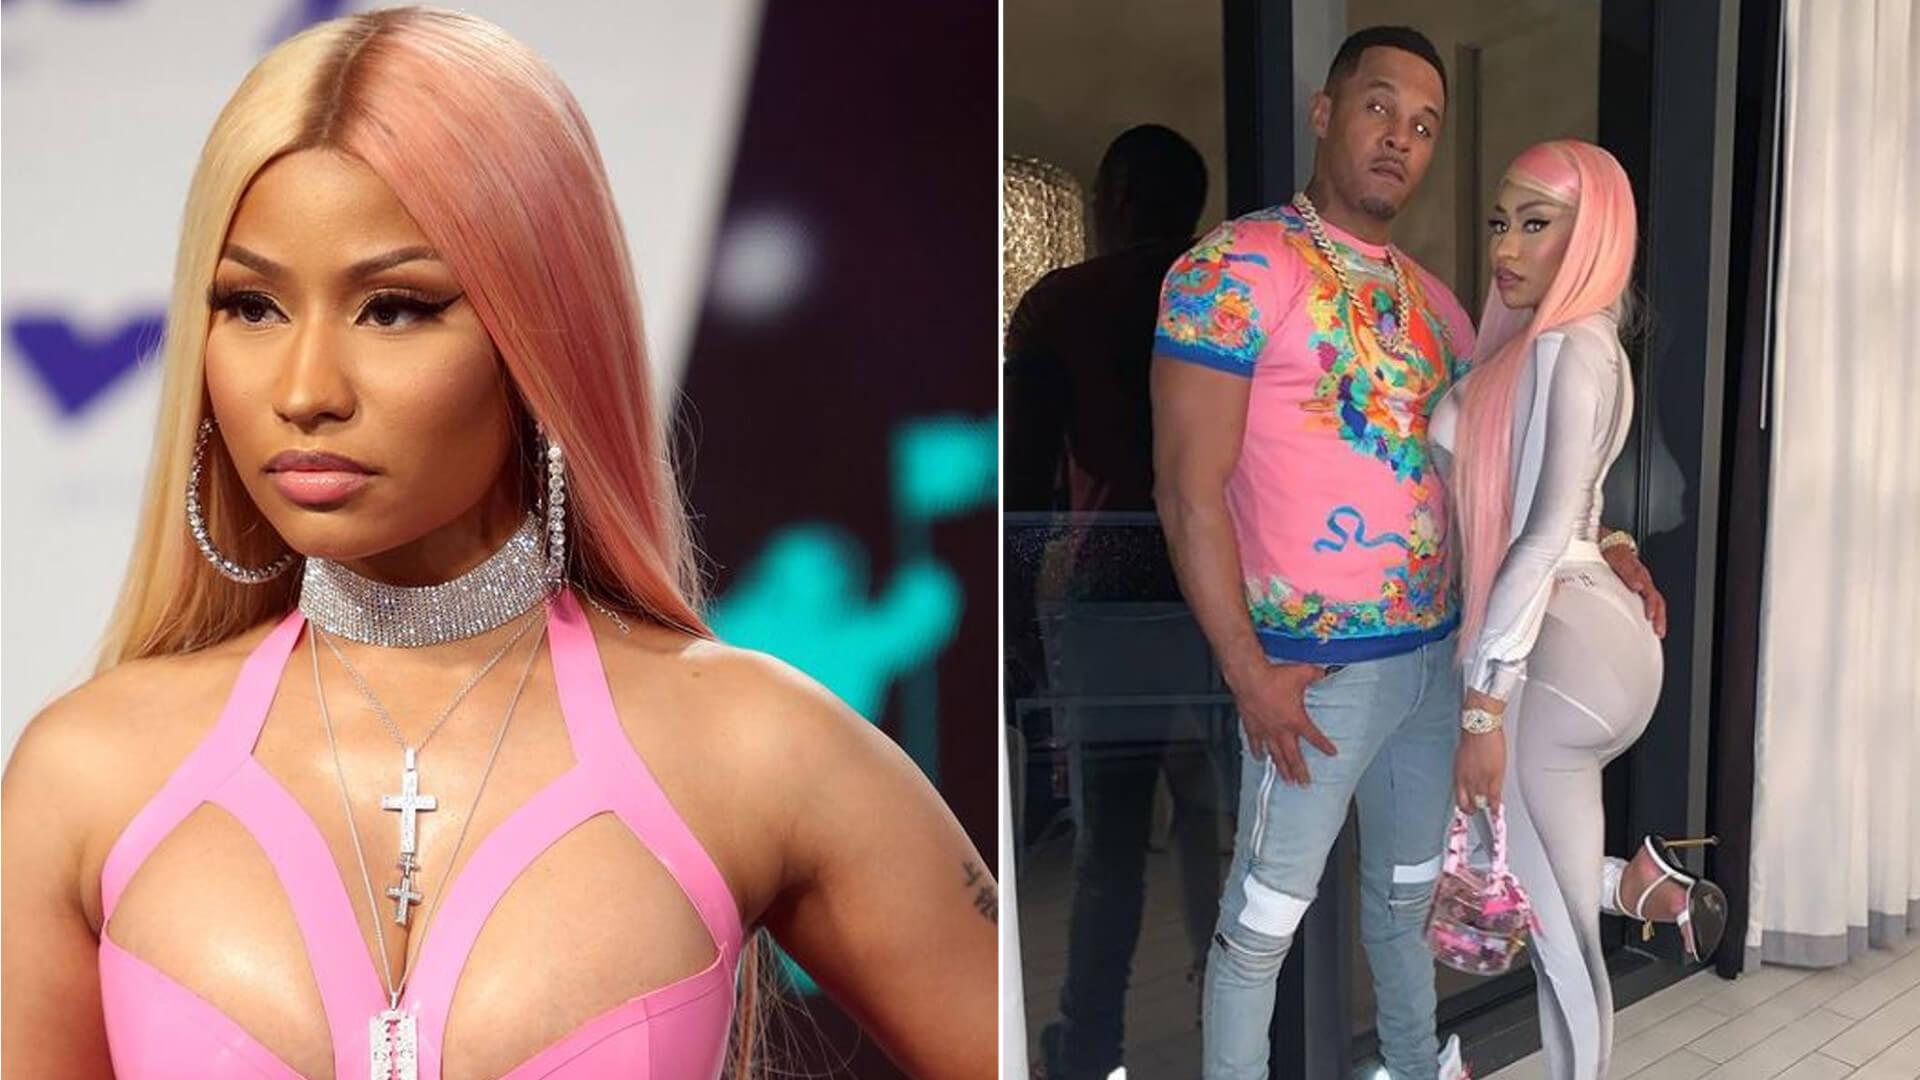 Dawno niewidziana Nicki Minaj szaleje na karnawale, podczas gdy jej brat gnije w więzieniu